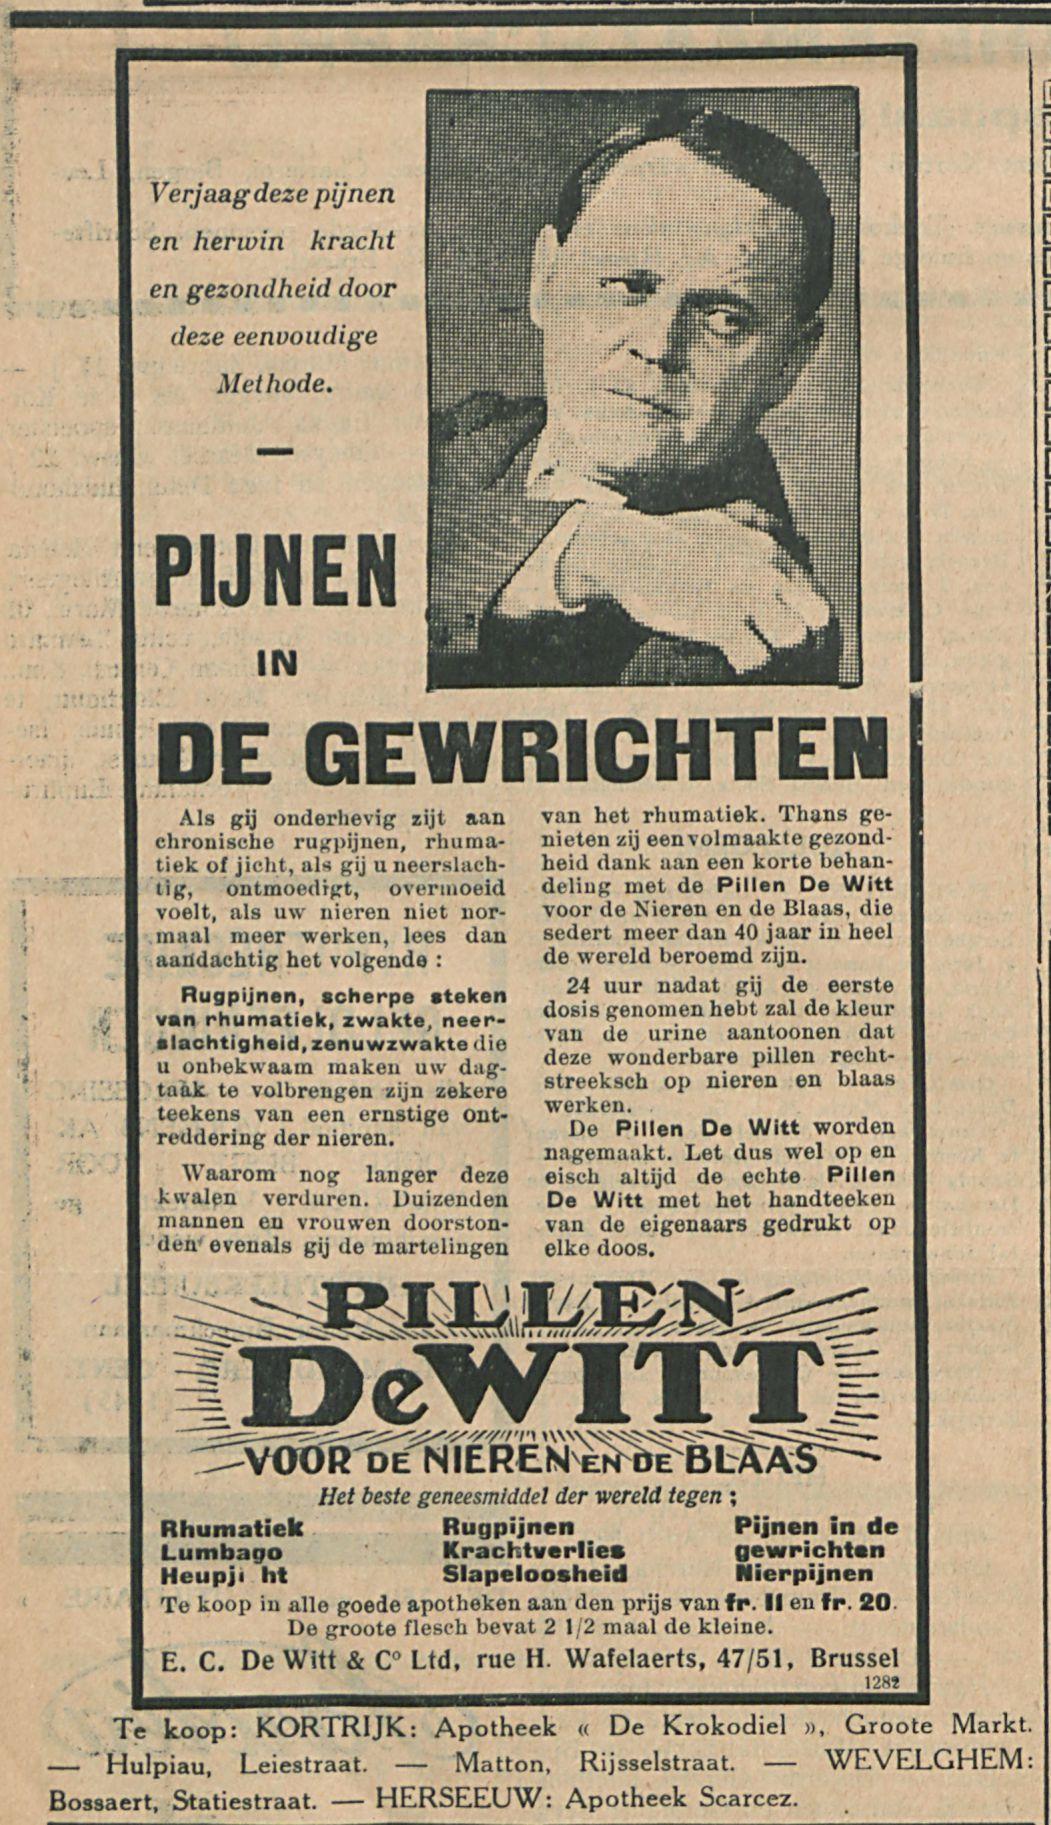 PILLEN DE WITT